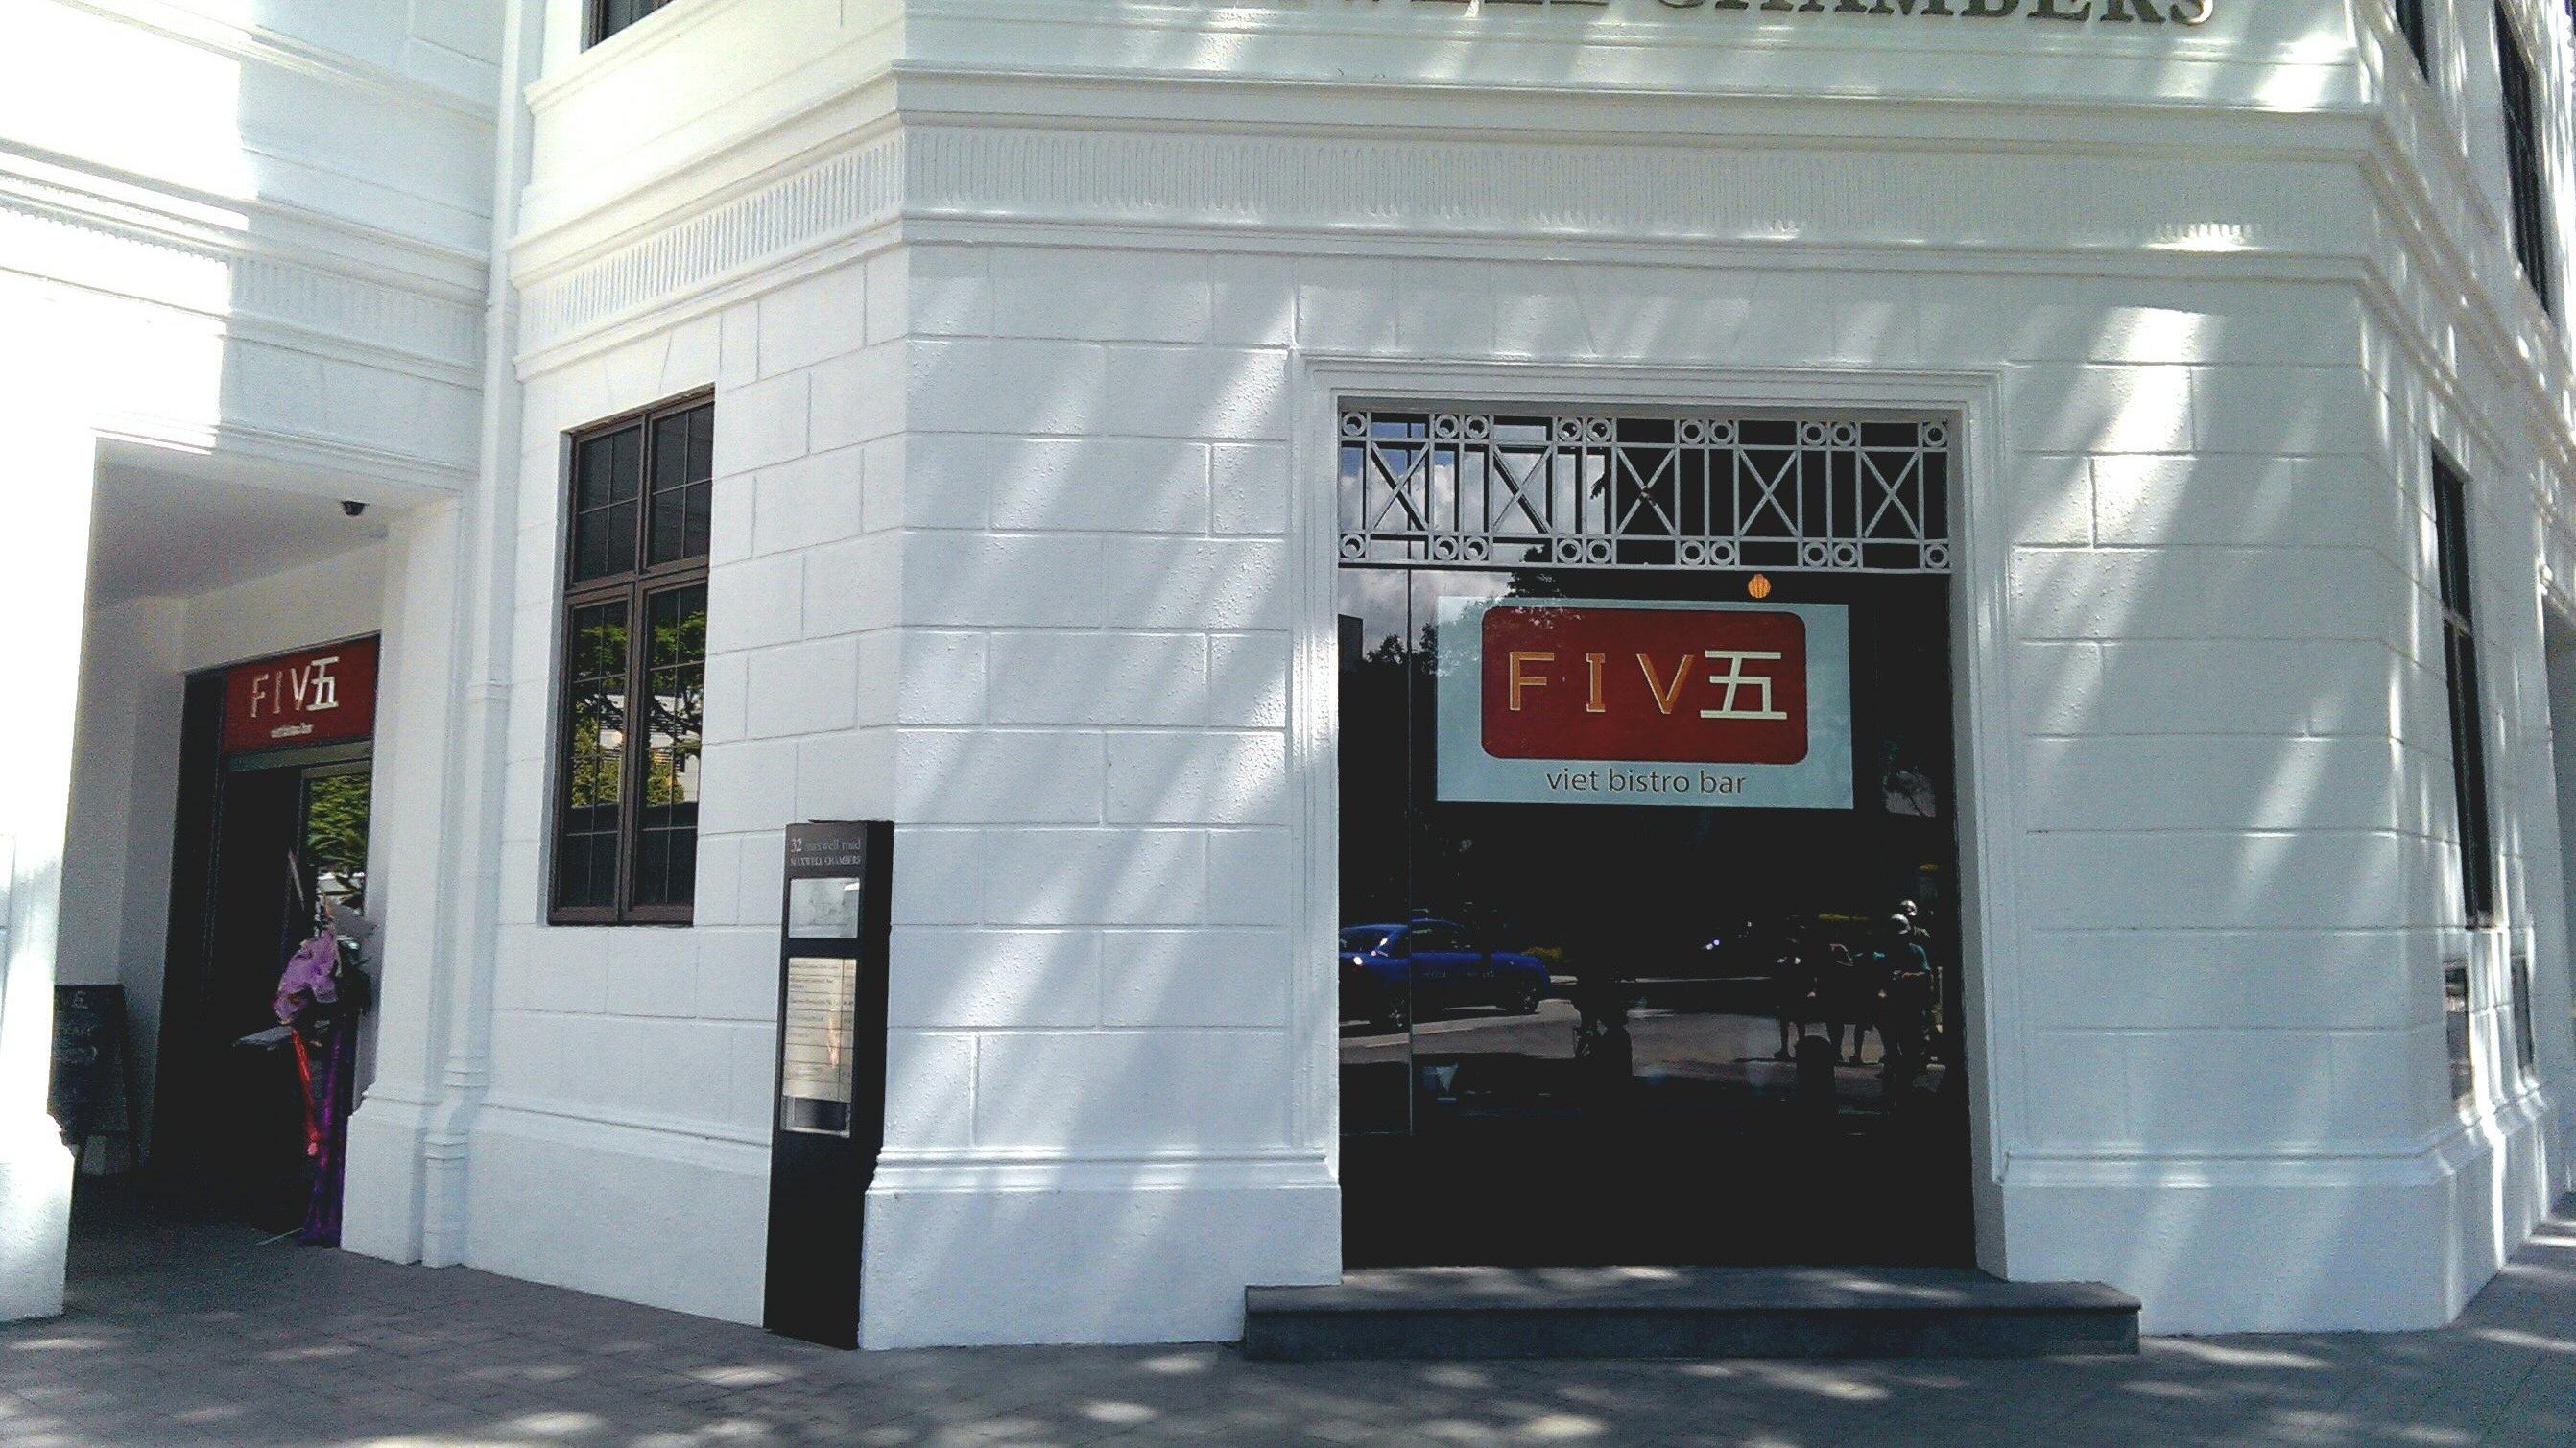 Five Viet Bistro Bar